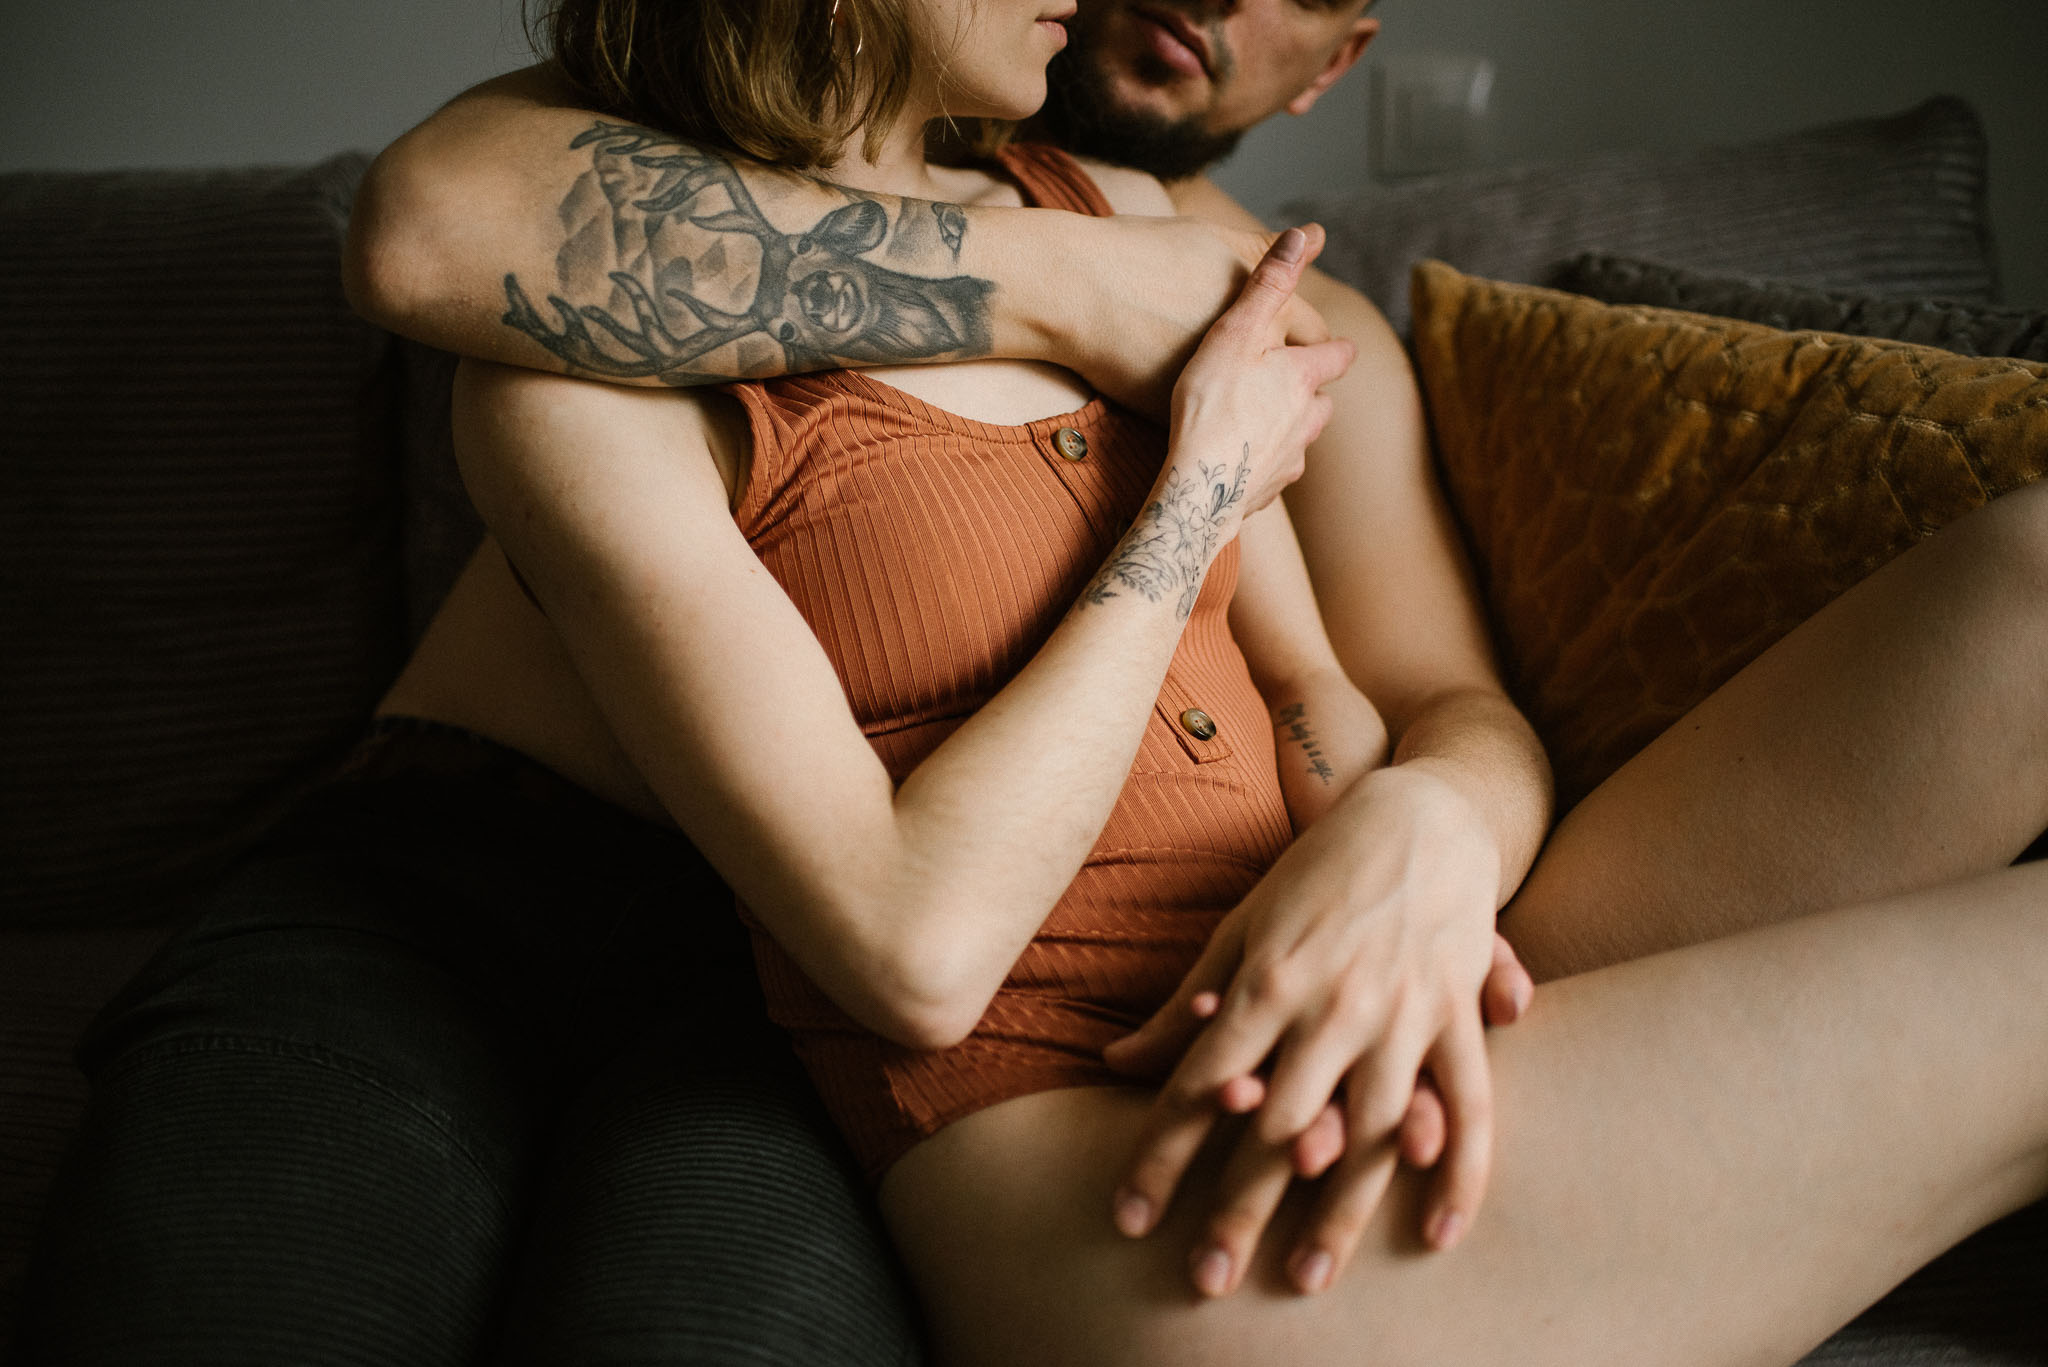 Partnerzy przytulają się na kanapie - sesja sensualna pary lifestyle w Poznaniu